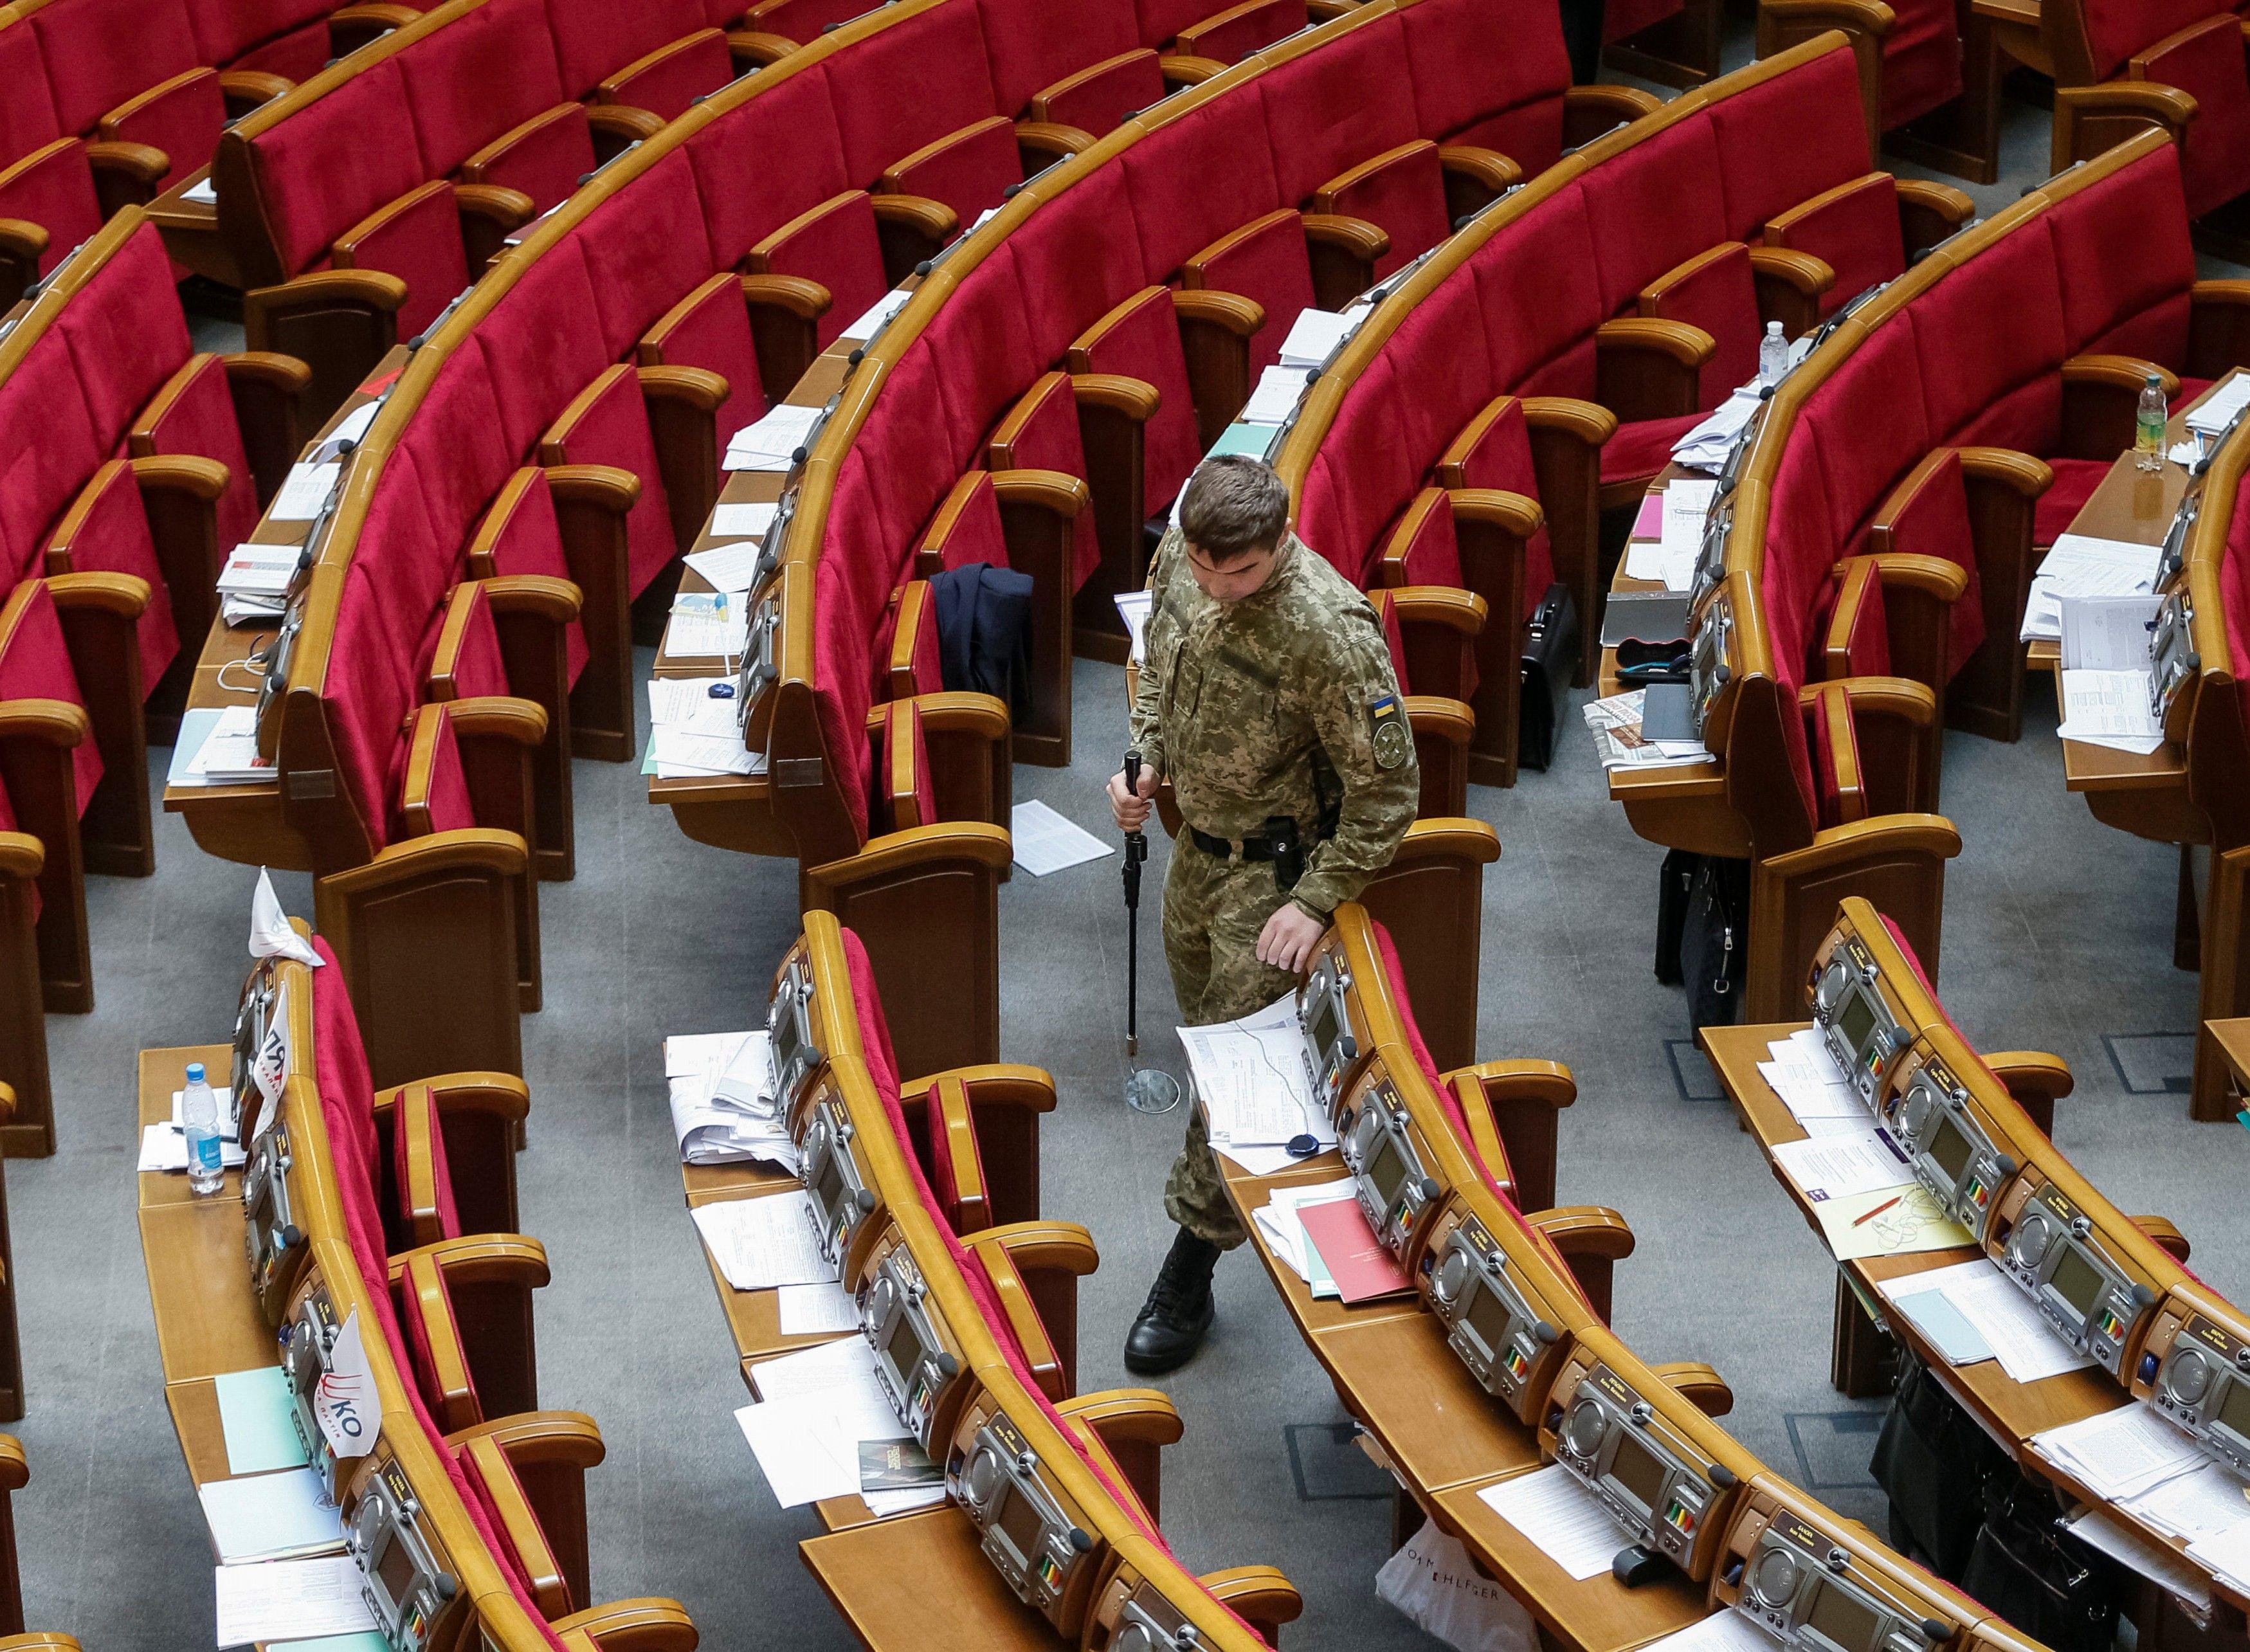 Более 70% украинцев считают, что ситуация в стране развивается в неправильном направлении - опрос